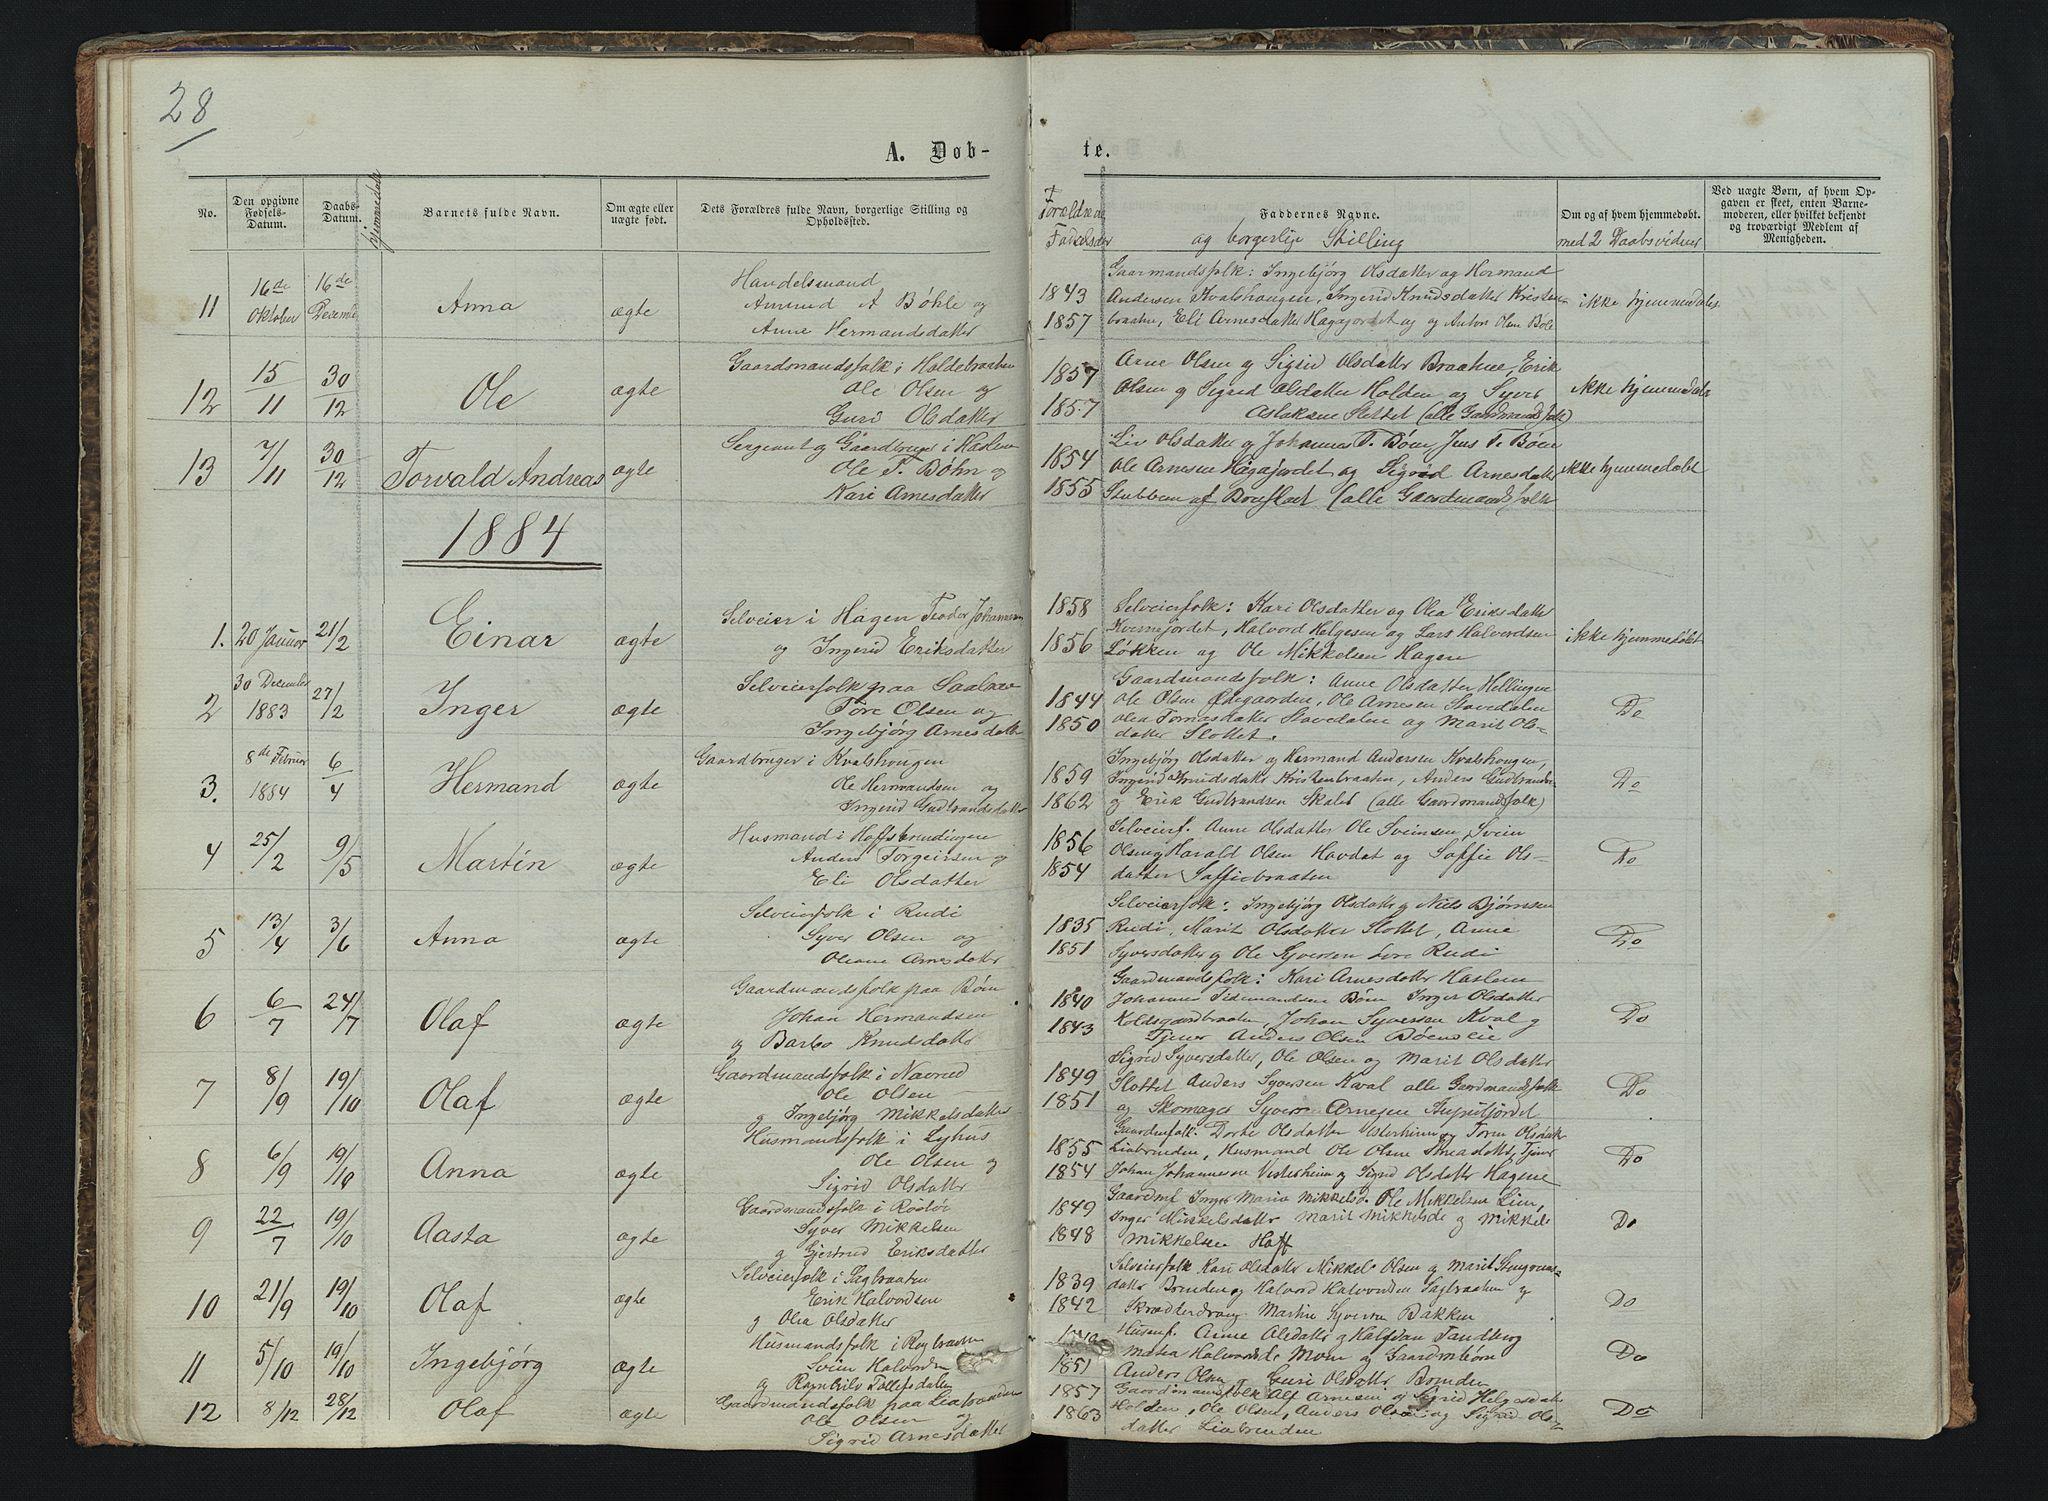 SAH, Sør-Aurdal prestekontor, Klokkerbok nr. 6, 1866-1893, s. 28